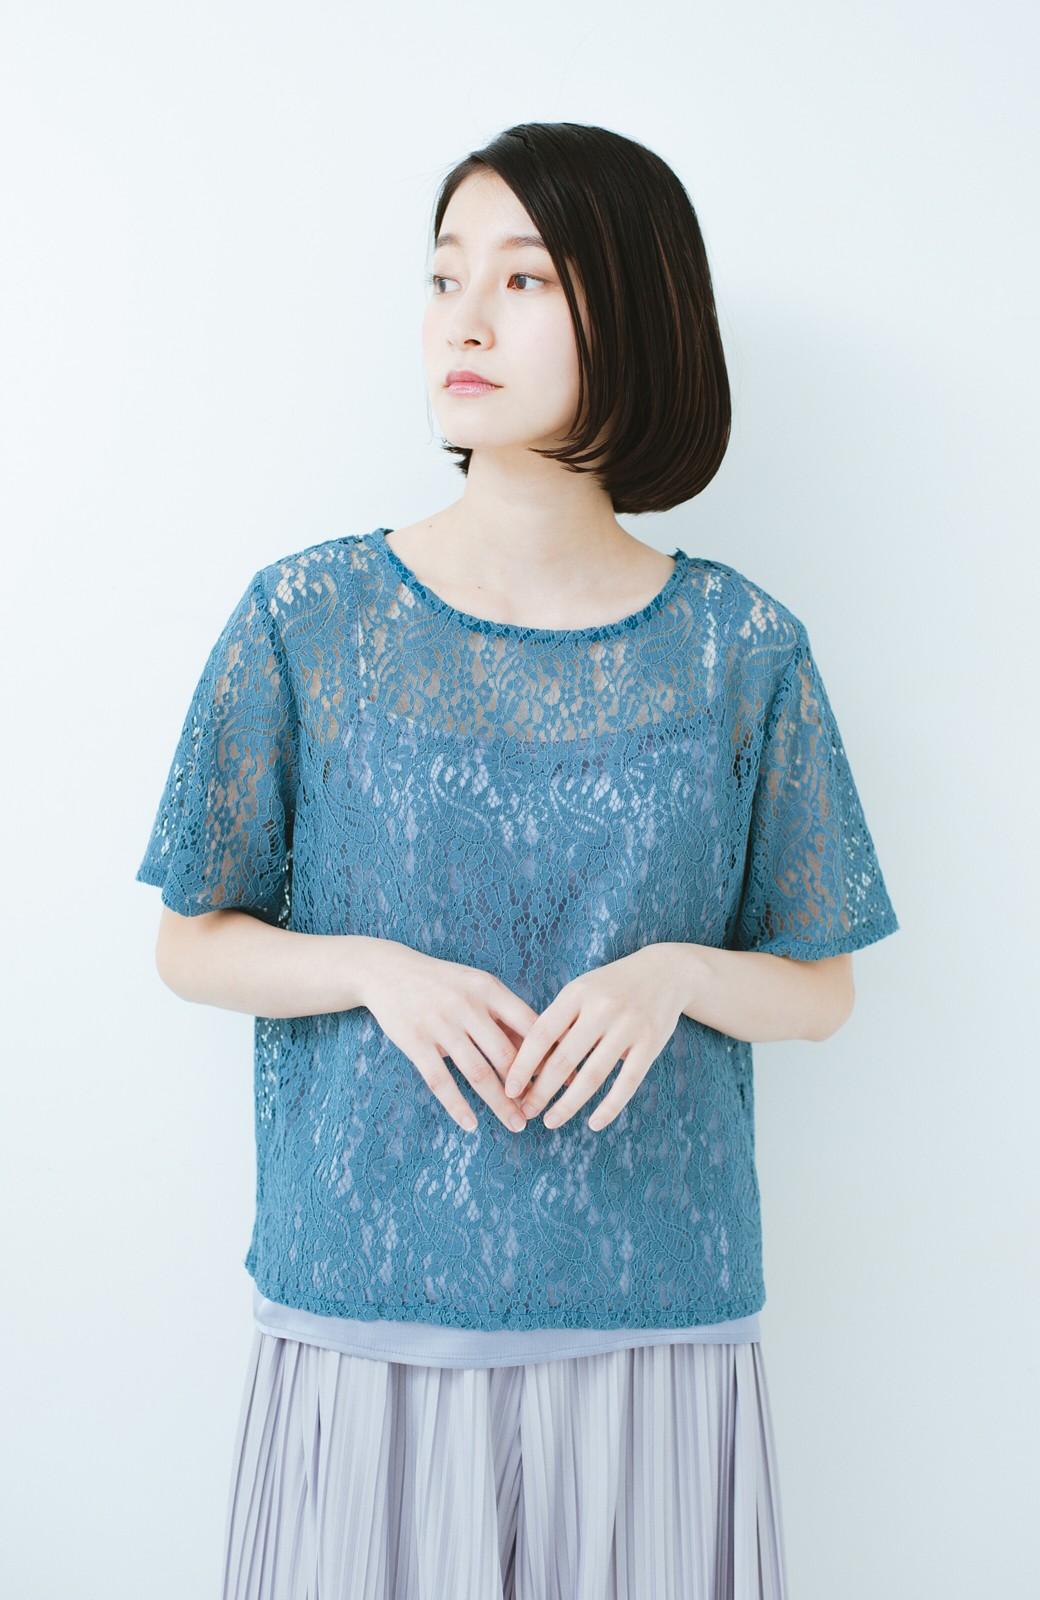 haco! いつものTシャツのかわりに着たい レースTブラウスとキャミソールセット <ブルー>の商品写真8